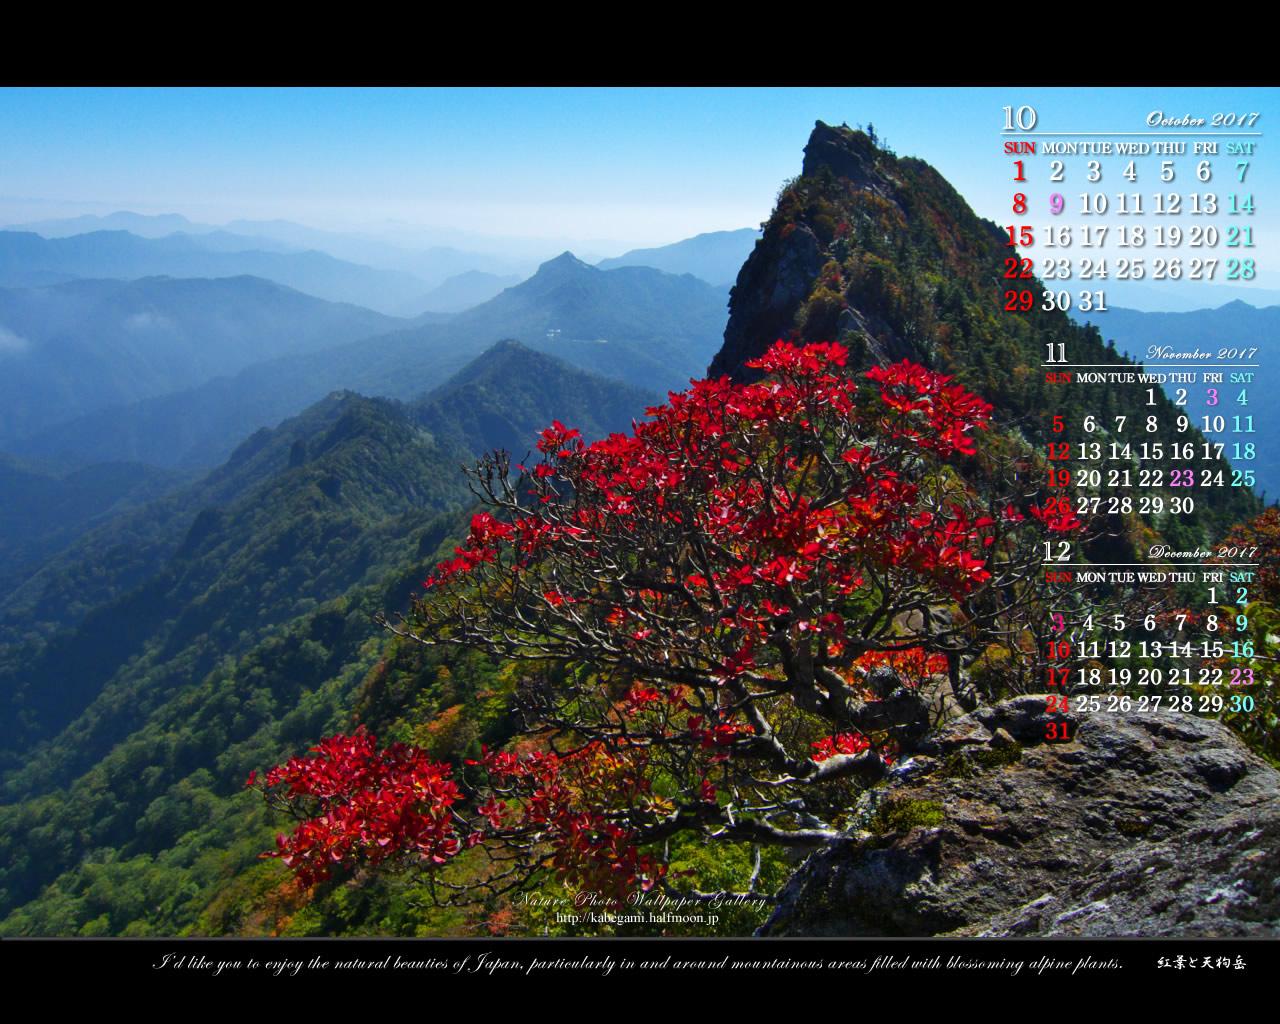 17年10月の無料カレンダー壁紙 1280x1024 秋の石鎚山系 01 石鎚自然写真館